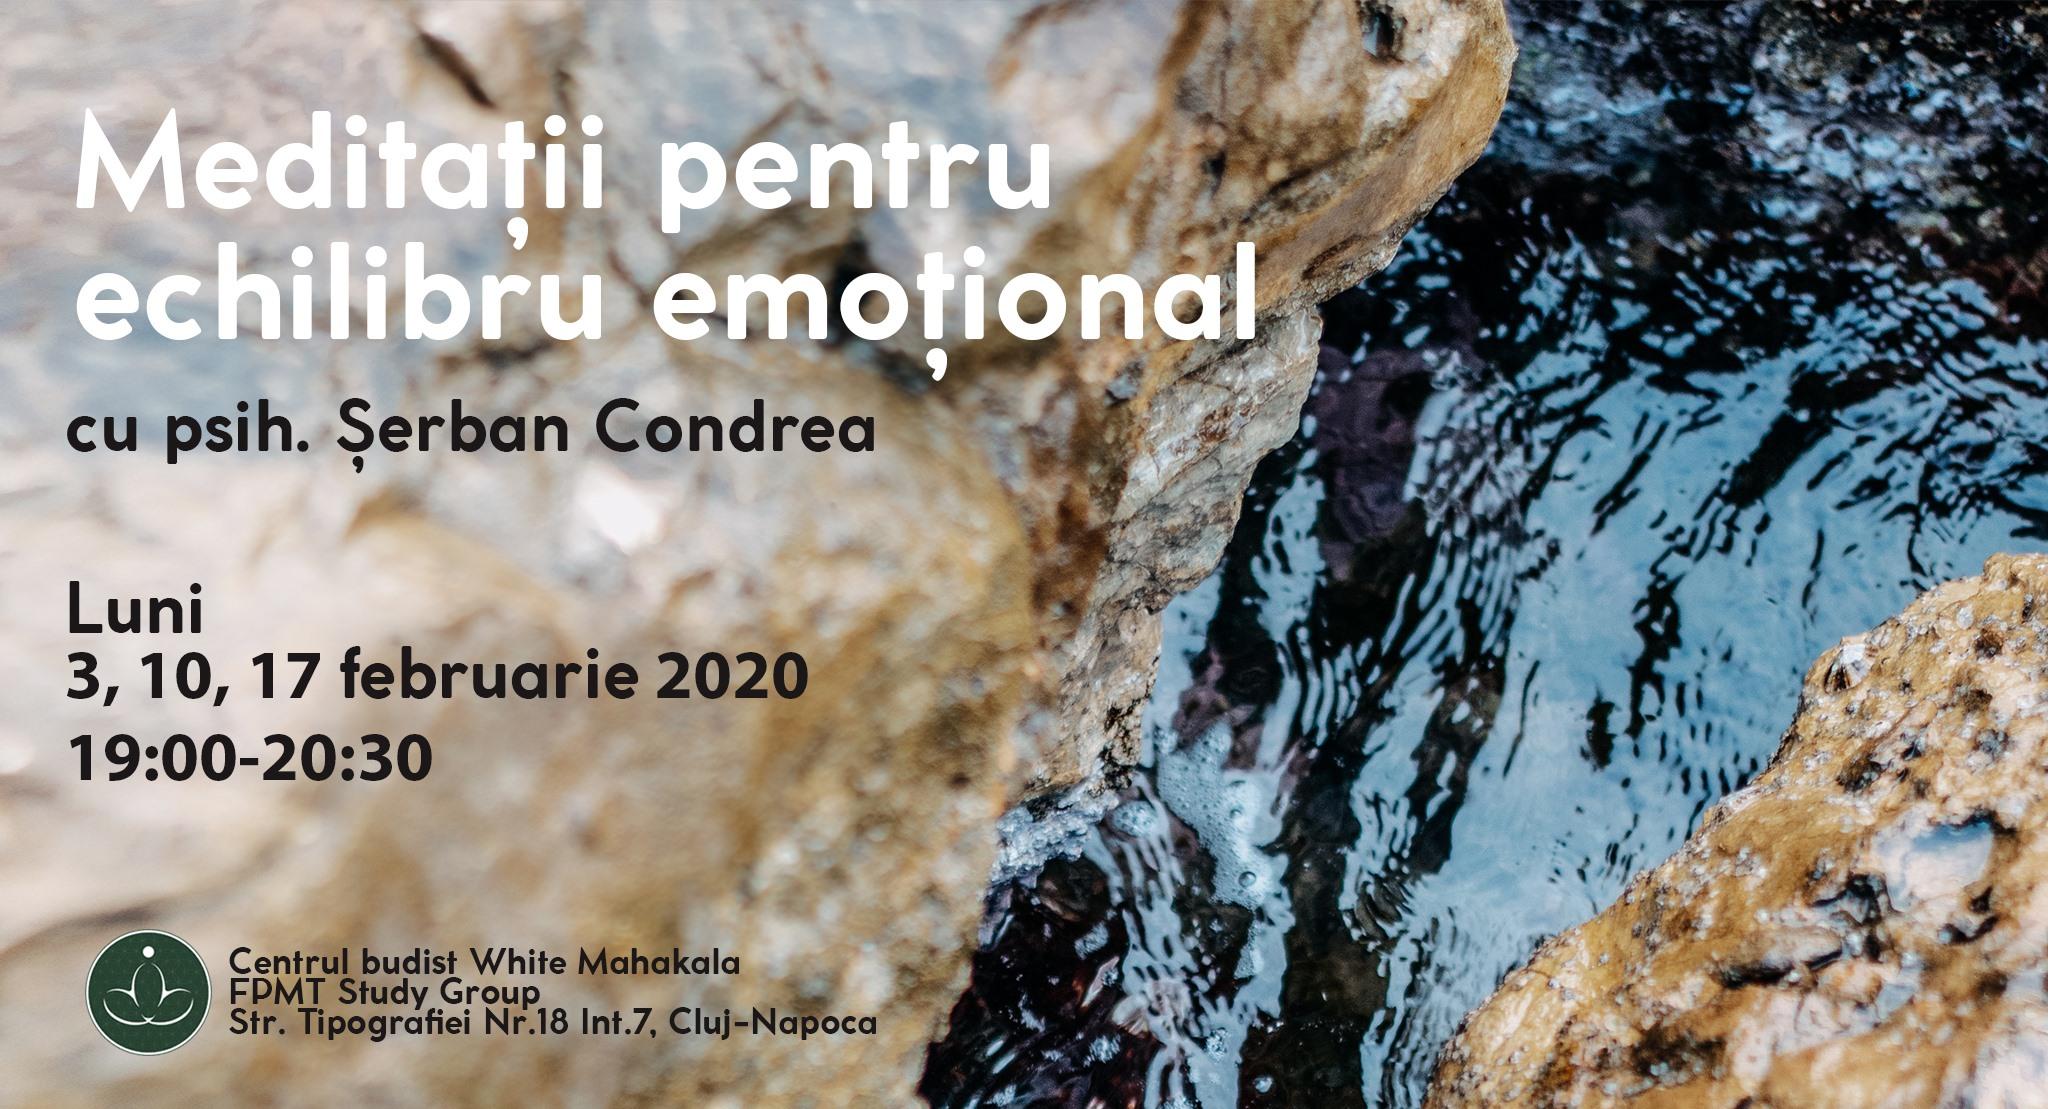 Meditatii pentru echilibru emotional cu Serban